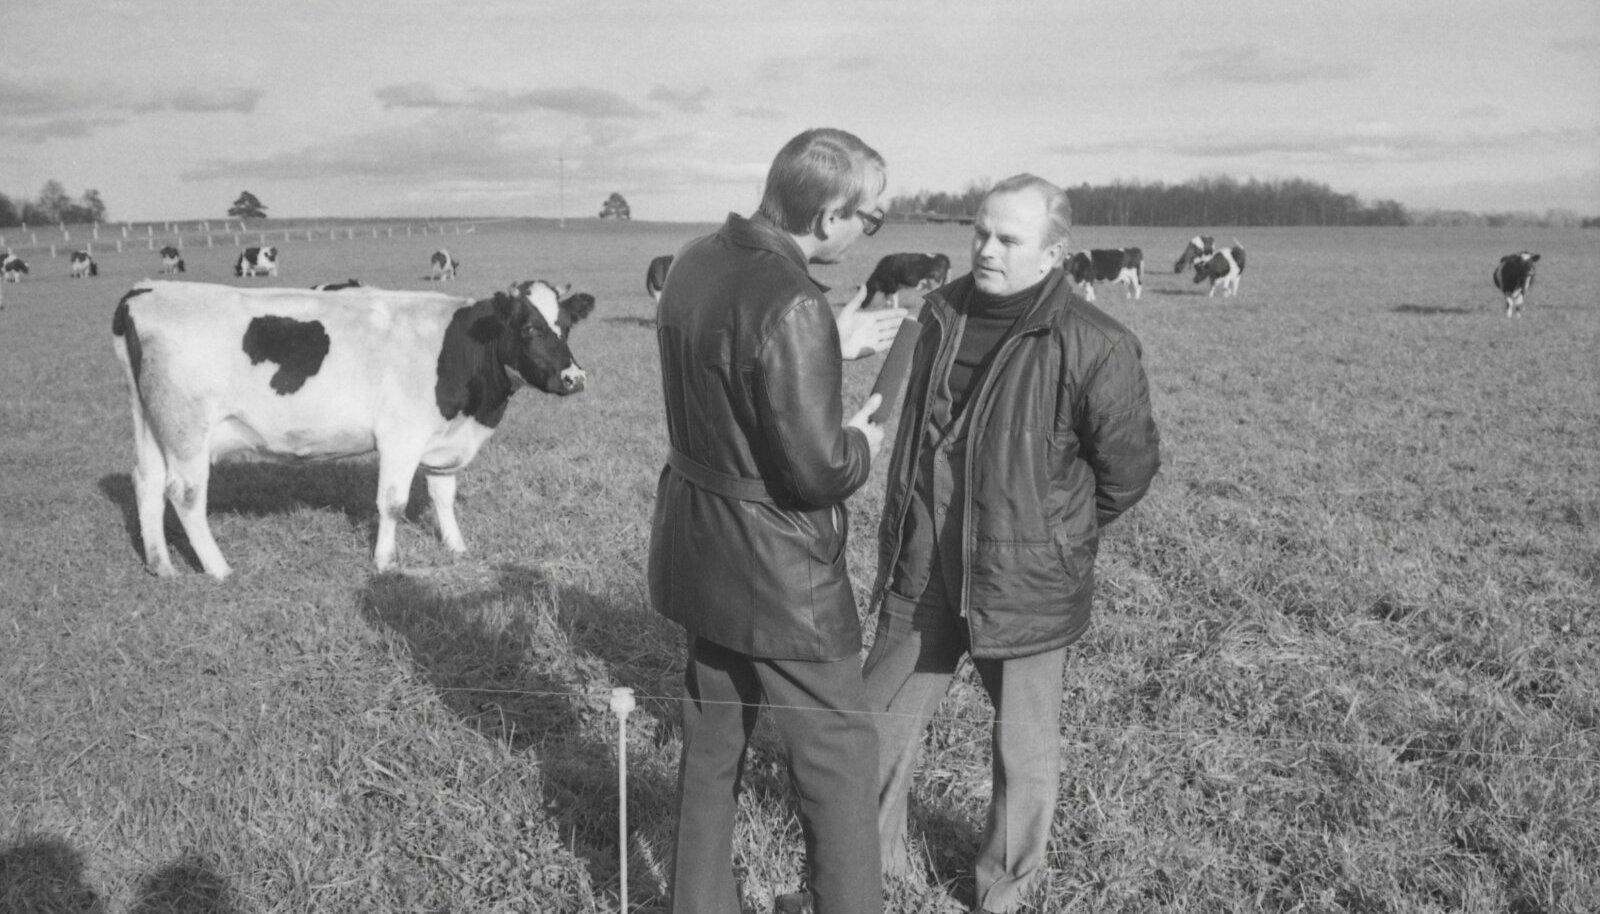 """Aasta on 1985. """"Viljaveski"""" saatejuht Mati Narusk küsitleb Eesti MaaviljeluseInstituudi kultuurrohumaade osakonna juhatajat Hindrek Olderit."""